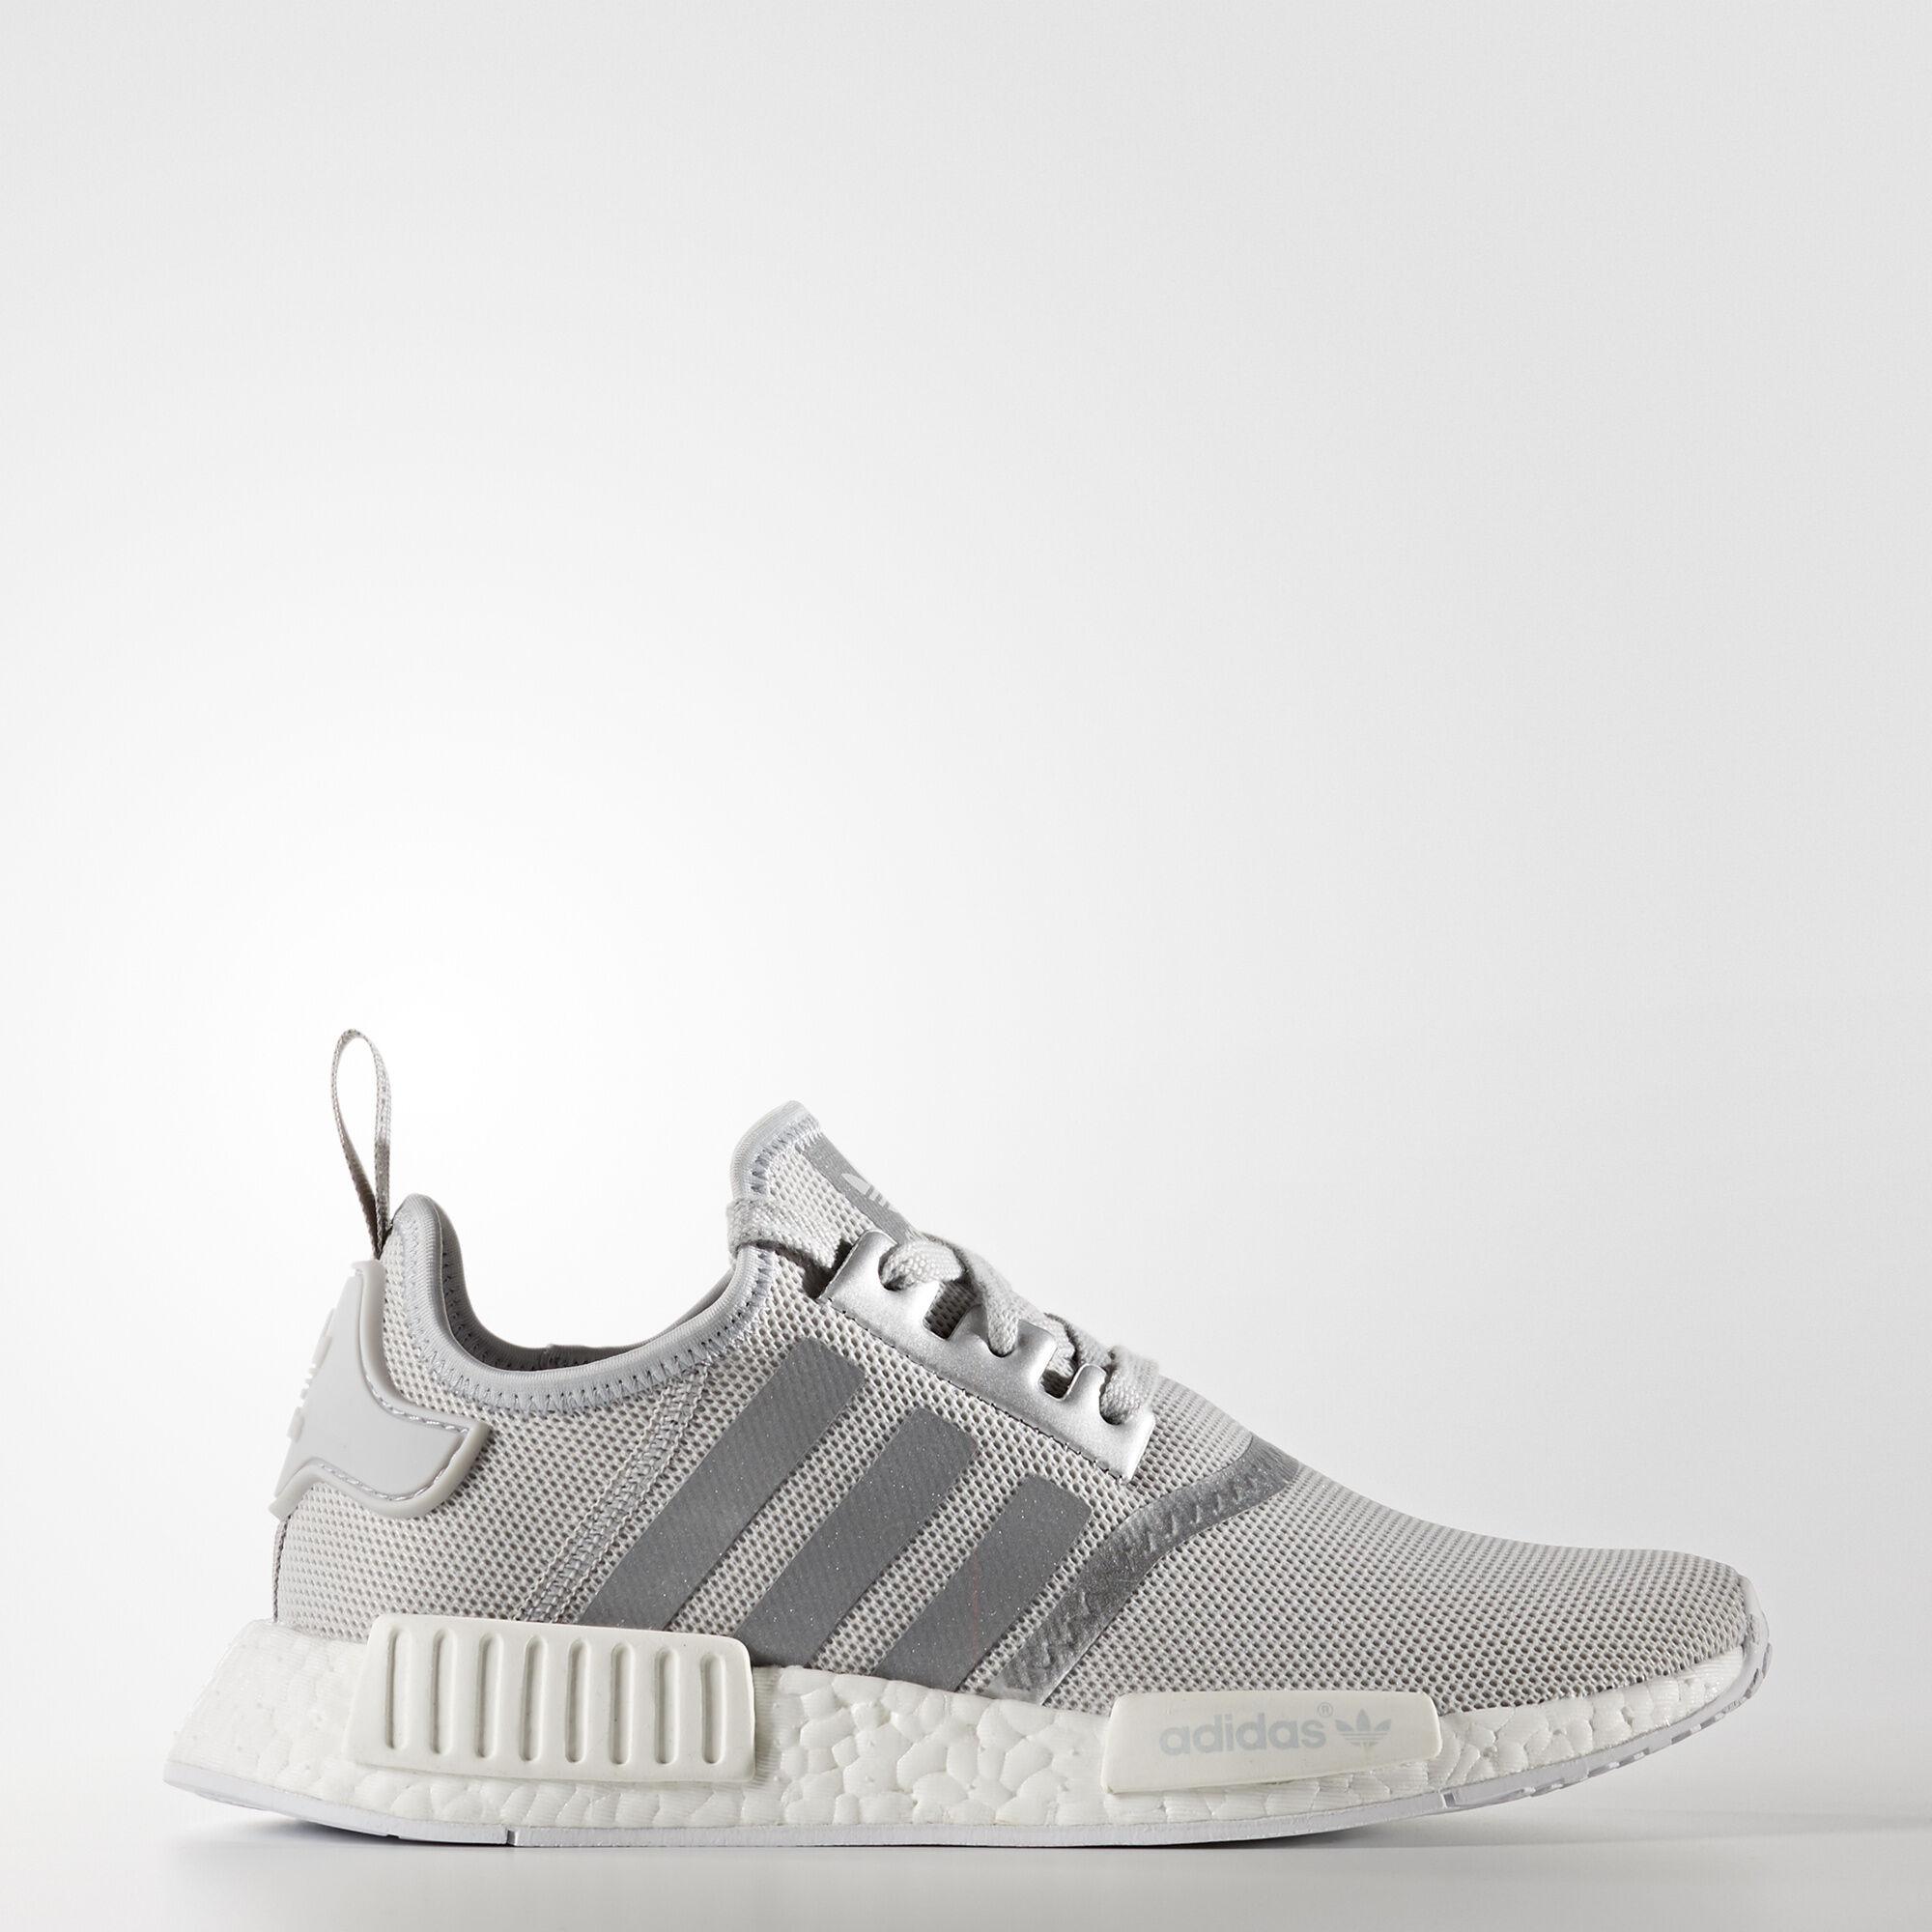 Adidas Skor Silver